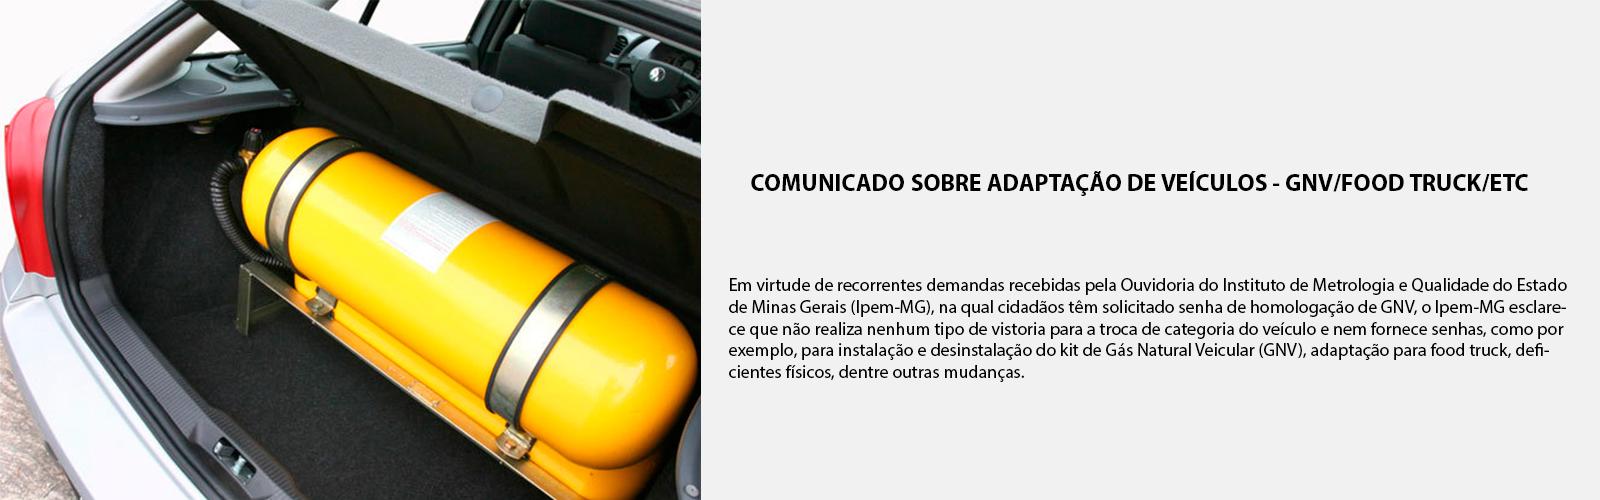 Adaptação de veículos GNV